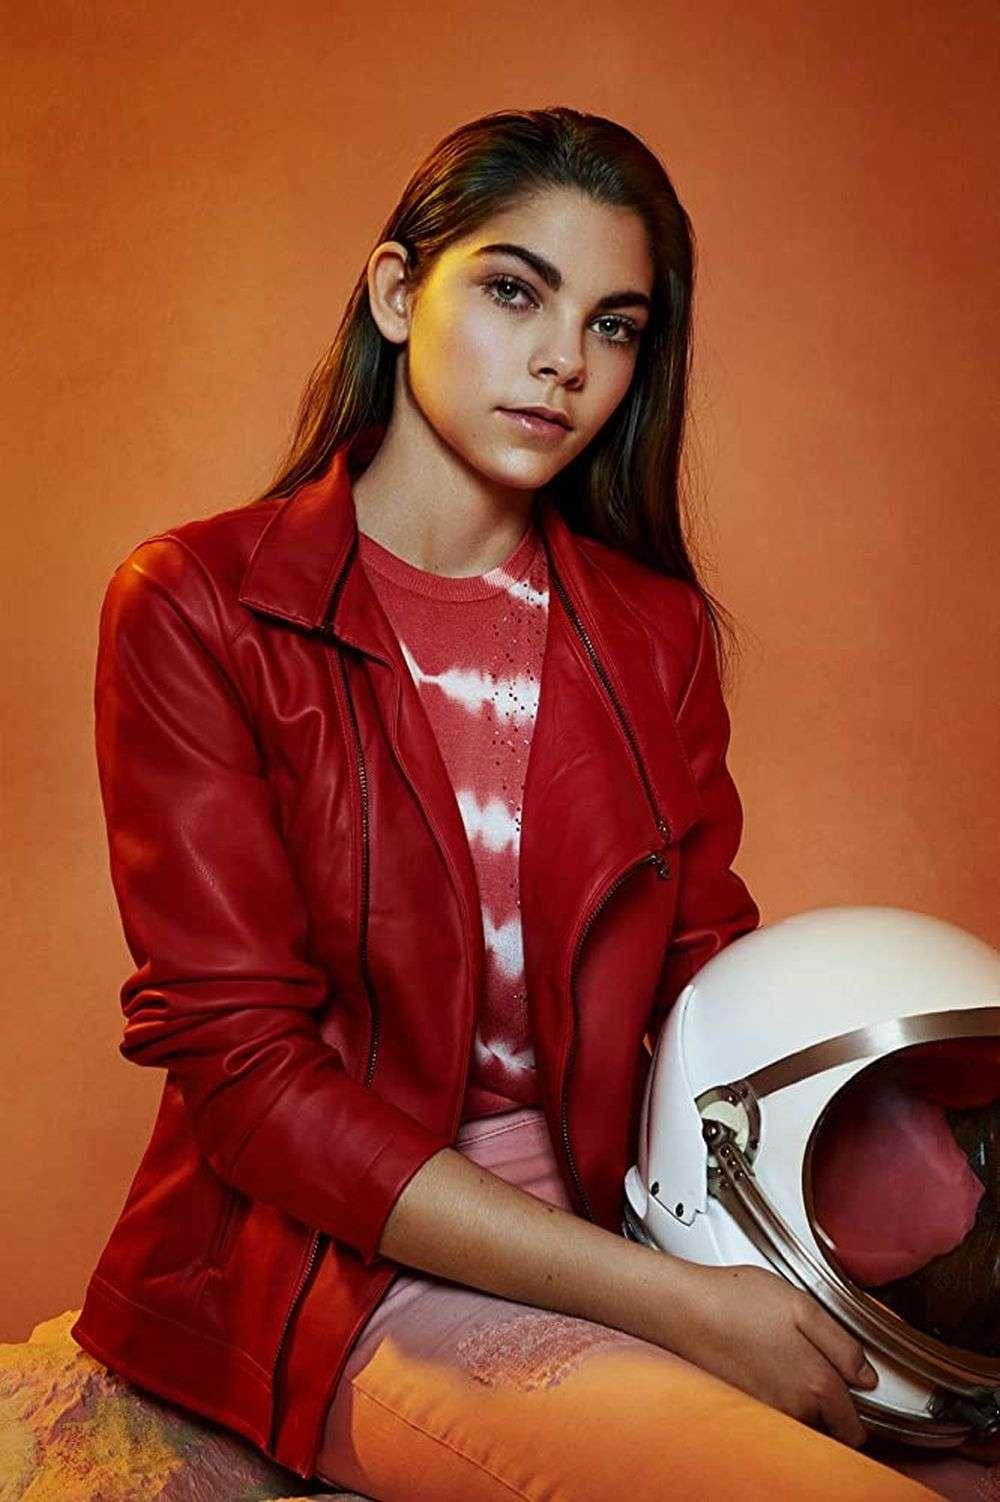 ये हैं दुनिया की सबसे युवा महिला अंतरिक्ष यात्री, मंगल ग्रह पर उतरने की कर रही तैयारी